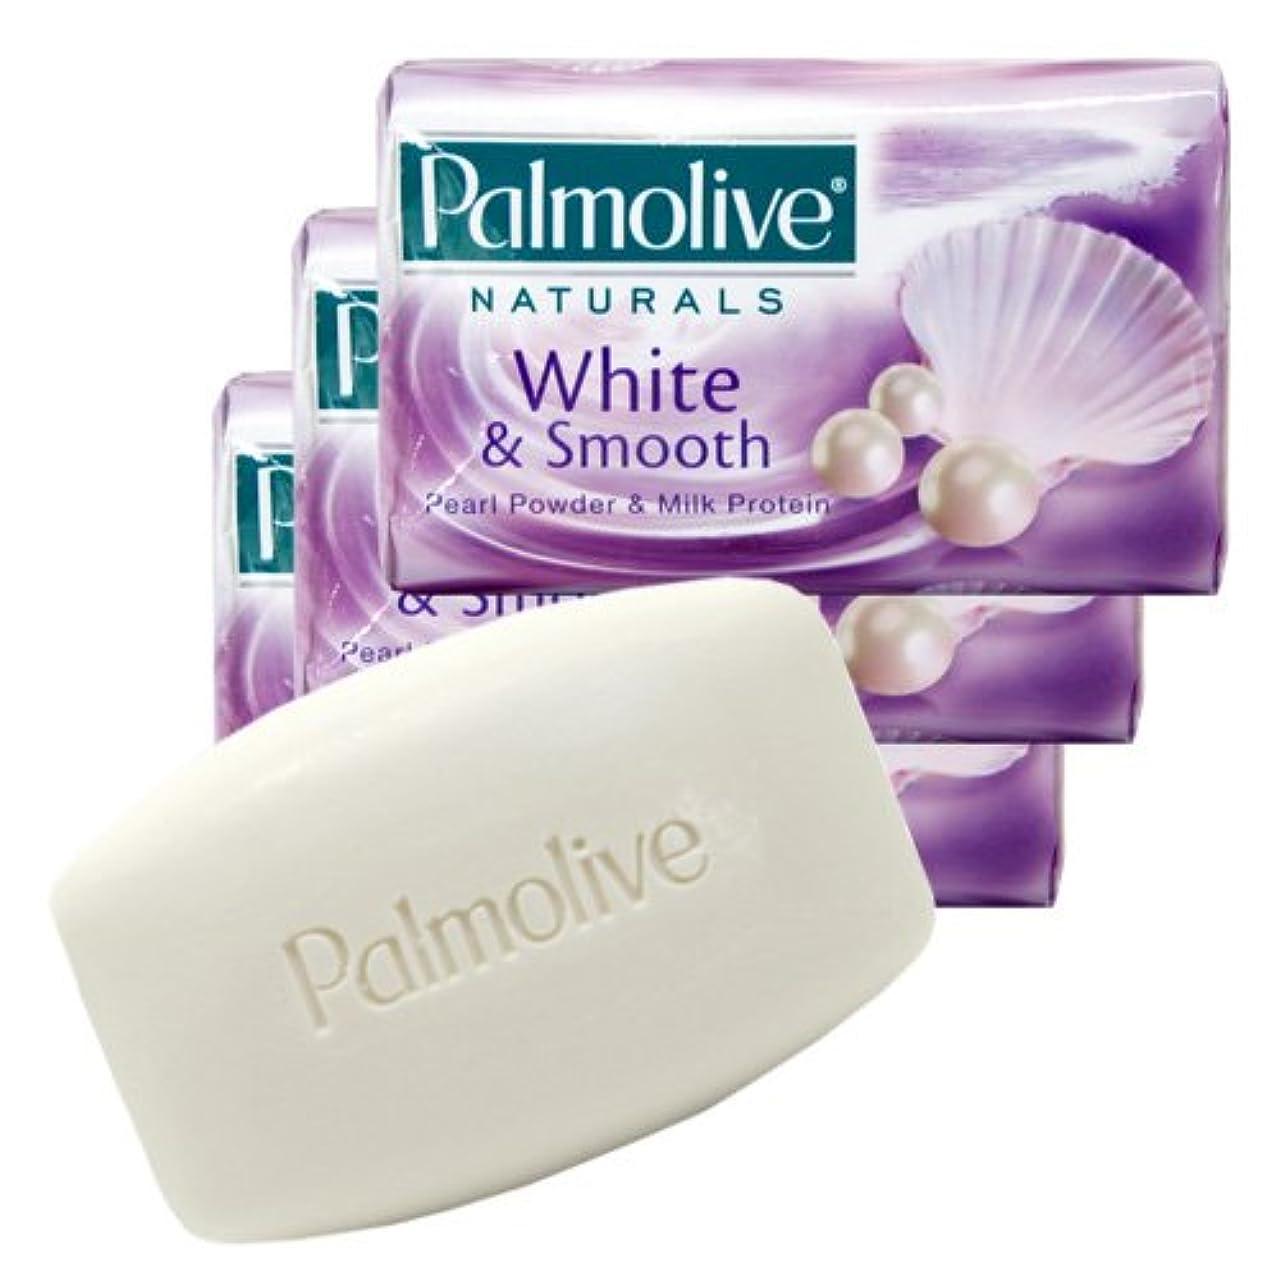 生活コースパパ【Palmolive】パルモリーブ ナチュラルズ石鹸3個パック ホワイト&スムース(パールパウダー&ミルクプロテイン)80g×3